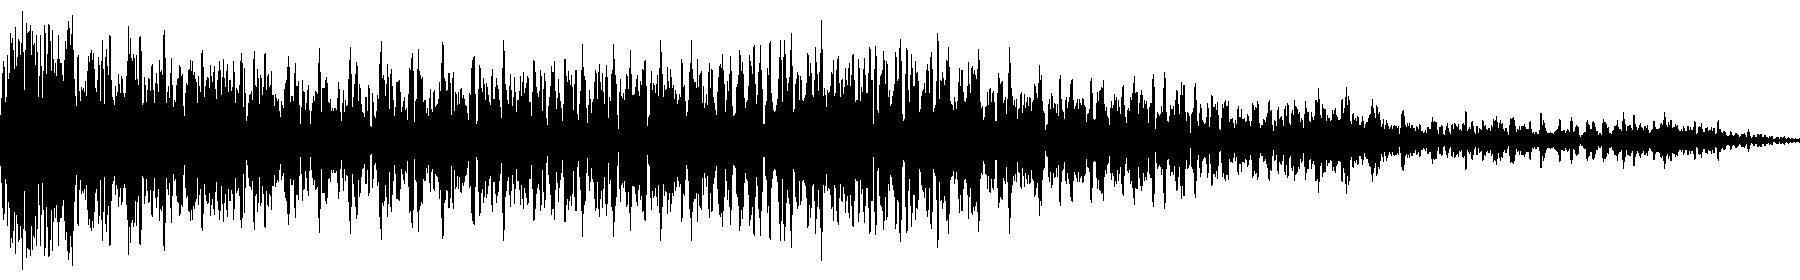 vedh synth cut 045 bm7